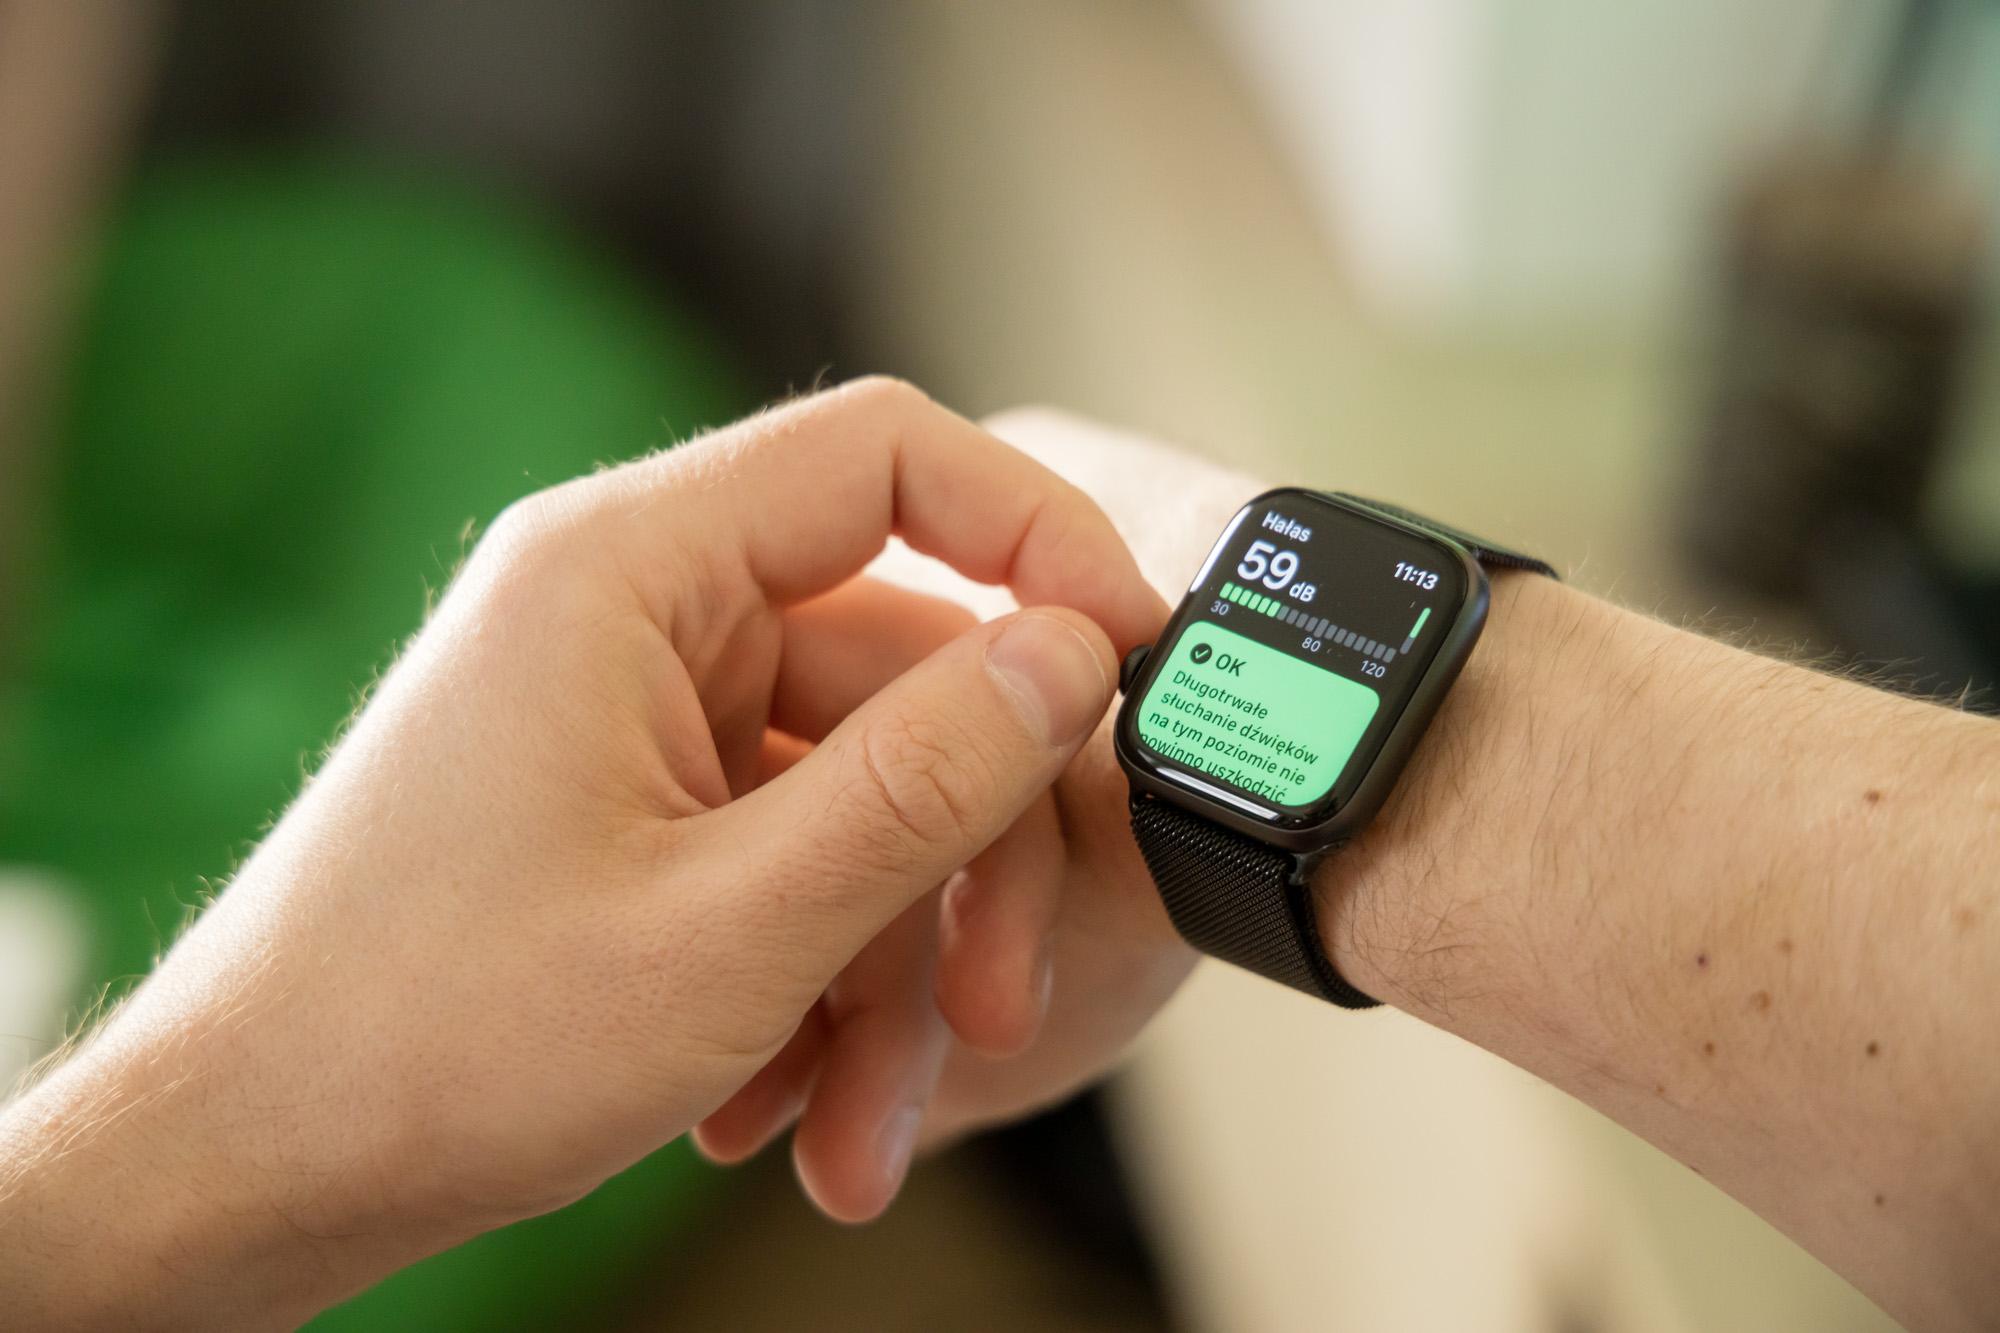 Zure irakurketak Apple Watch ez da zuzena? Apple erantzuna du: oker janzten duzu